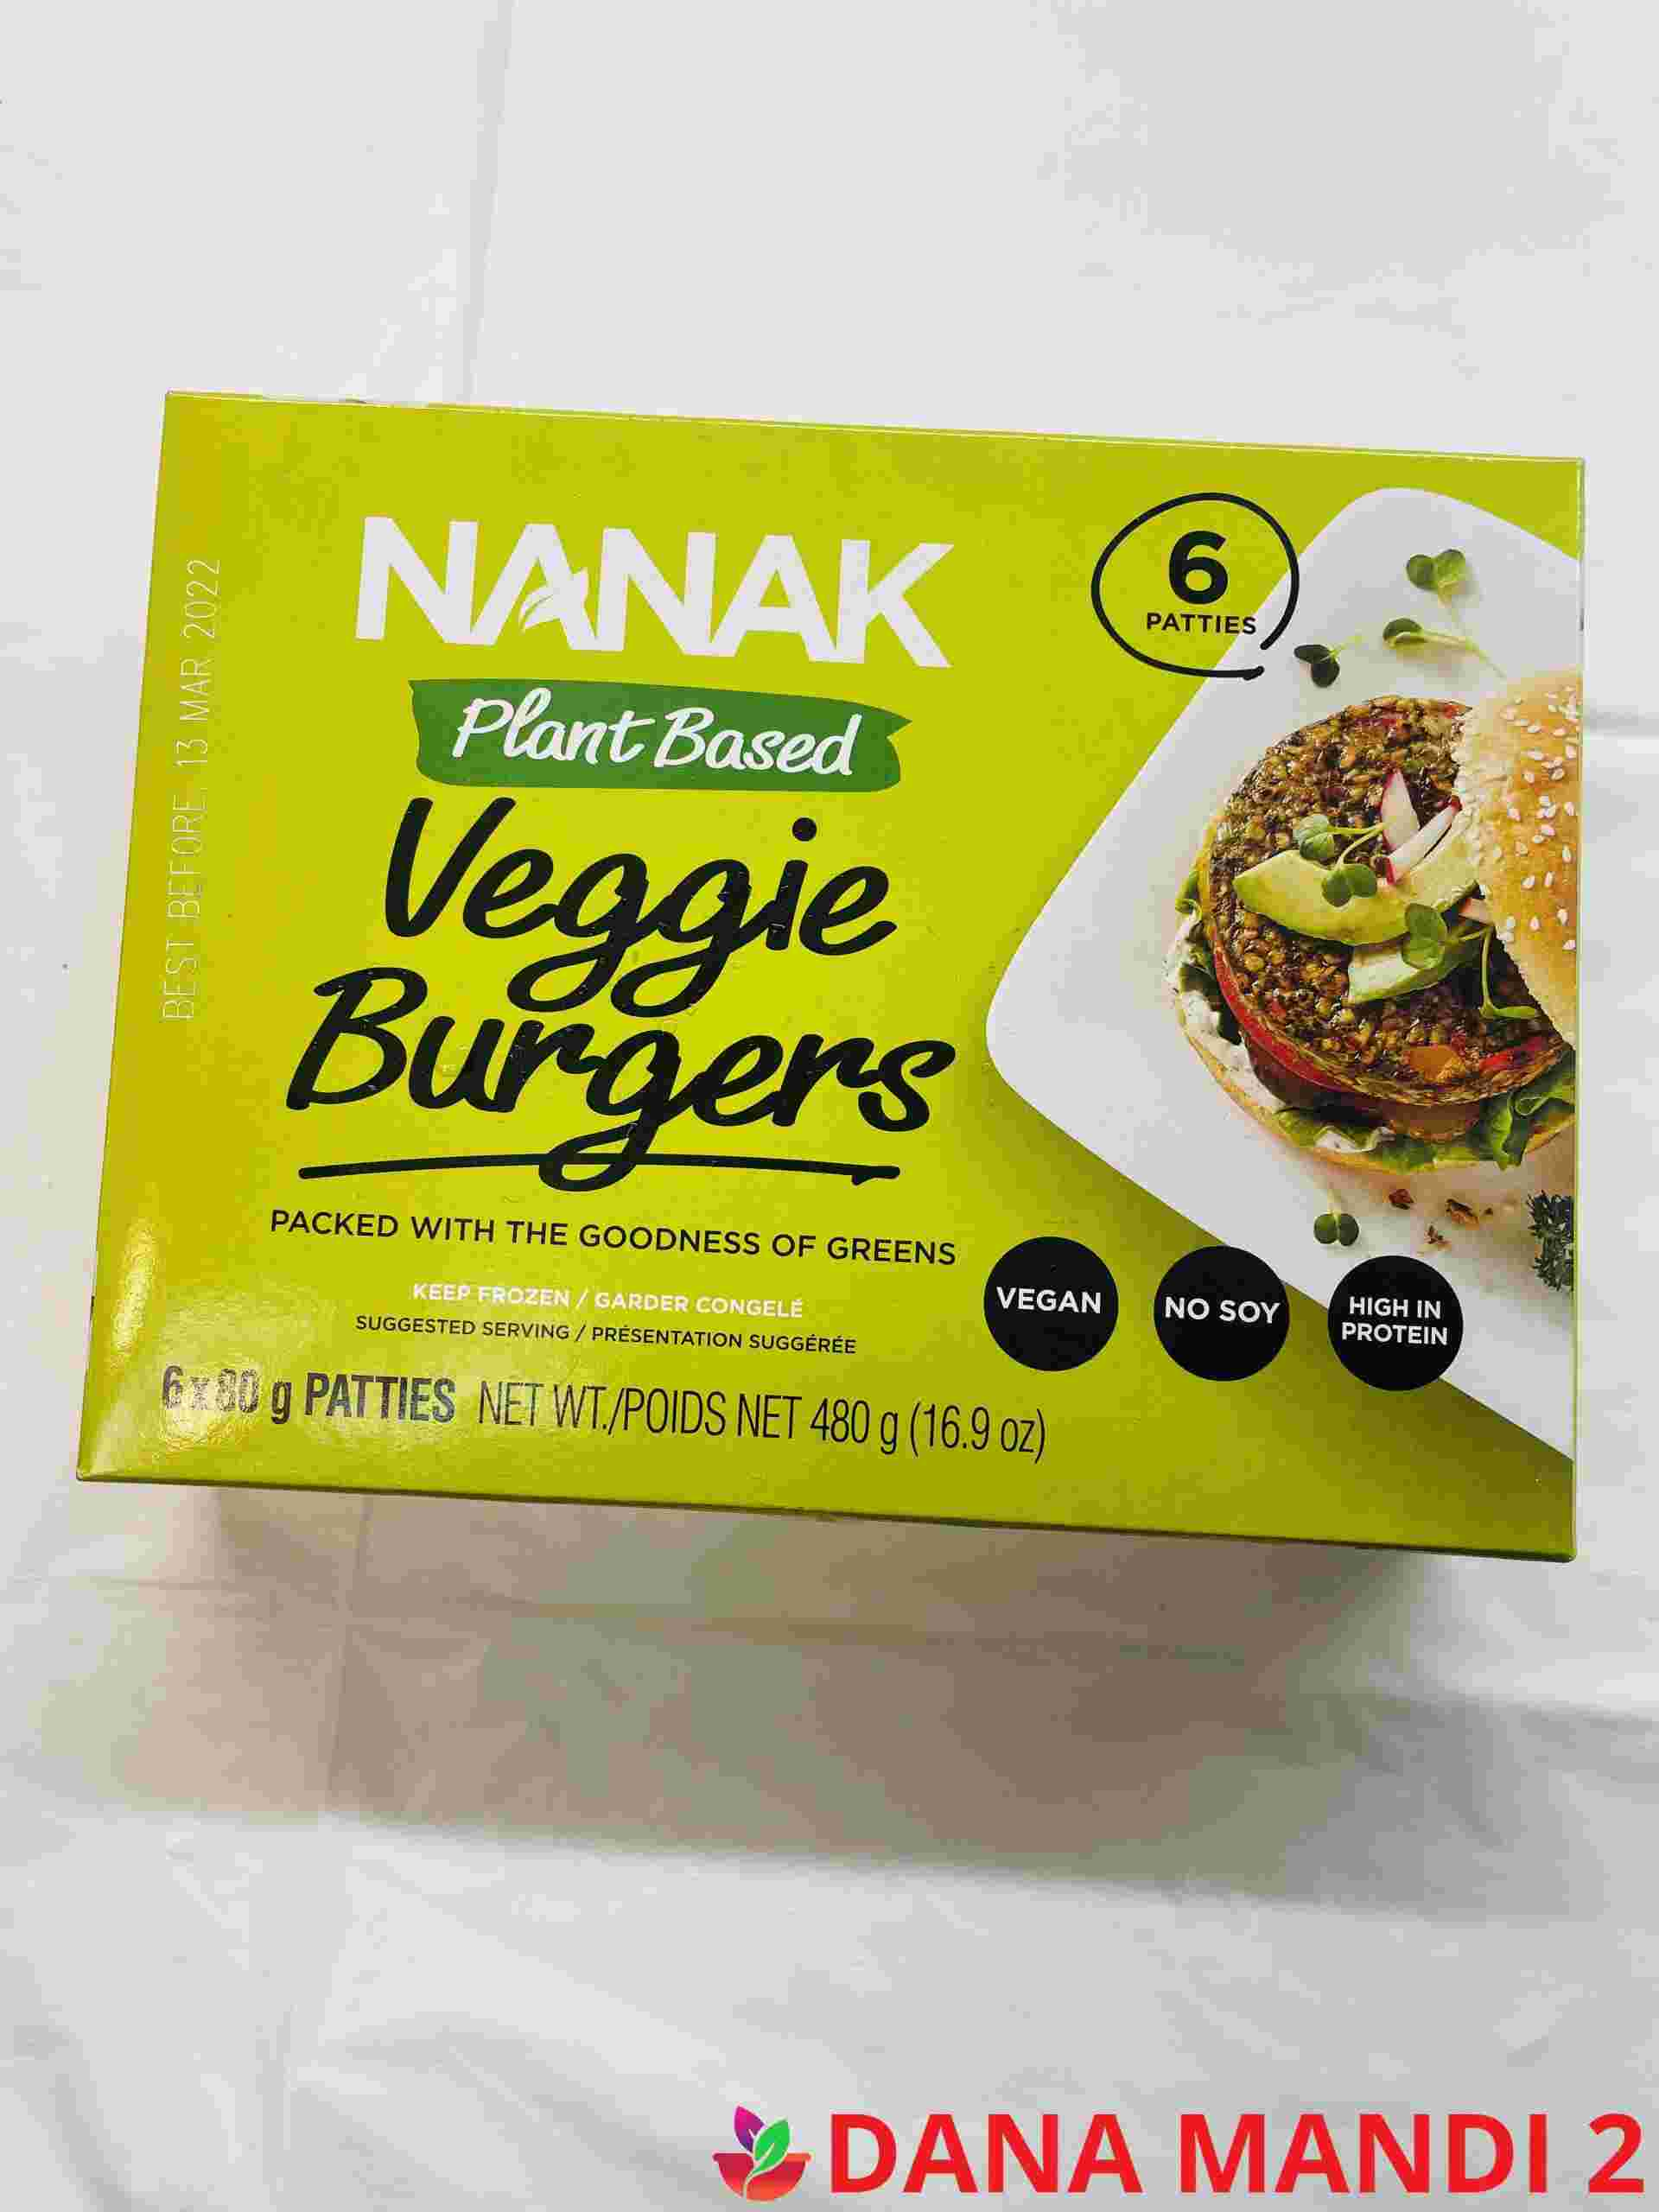 Nanak Plant Based Veggie Burgers 6 Pieces